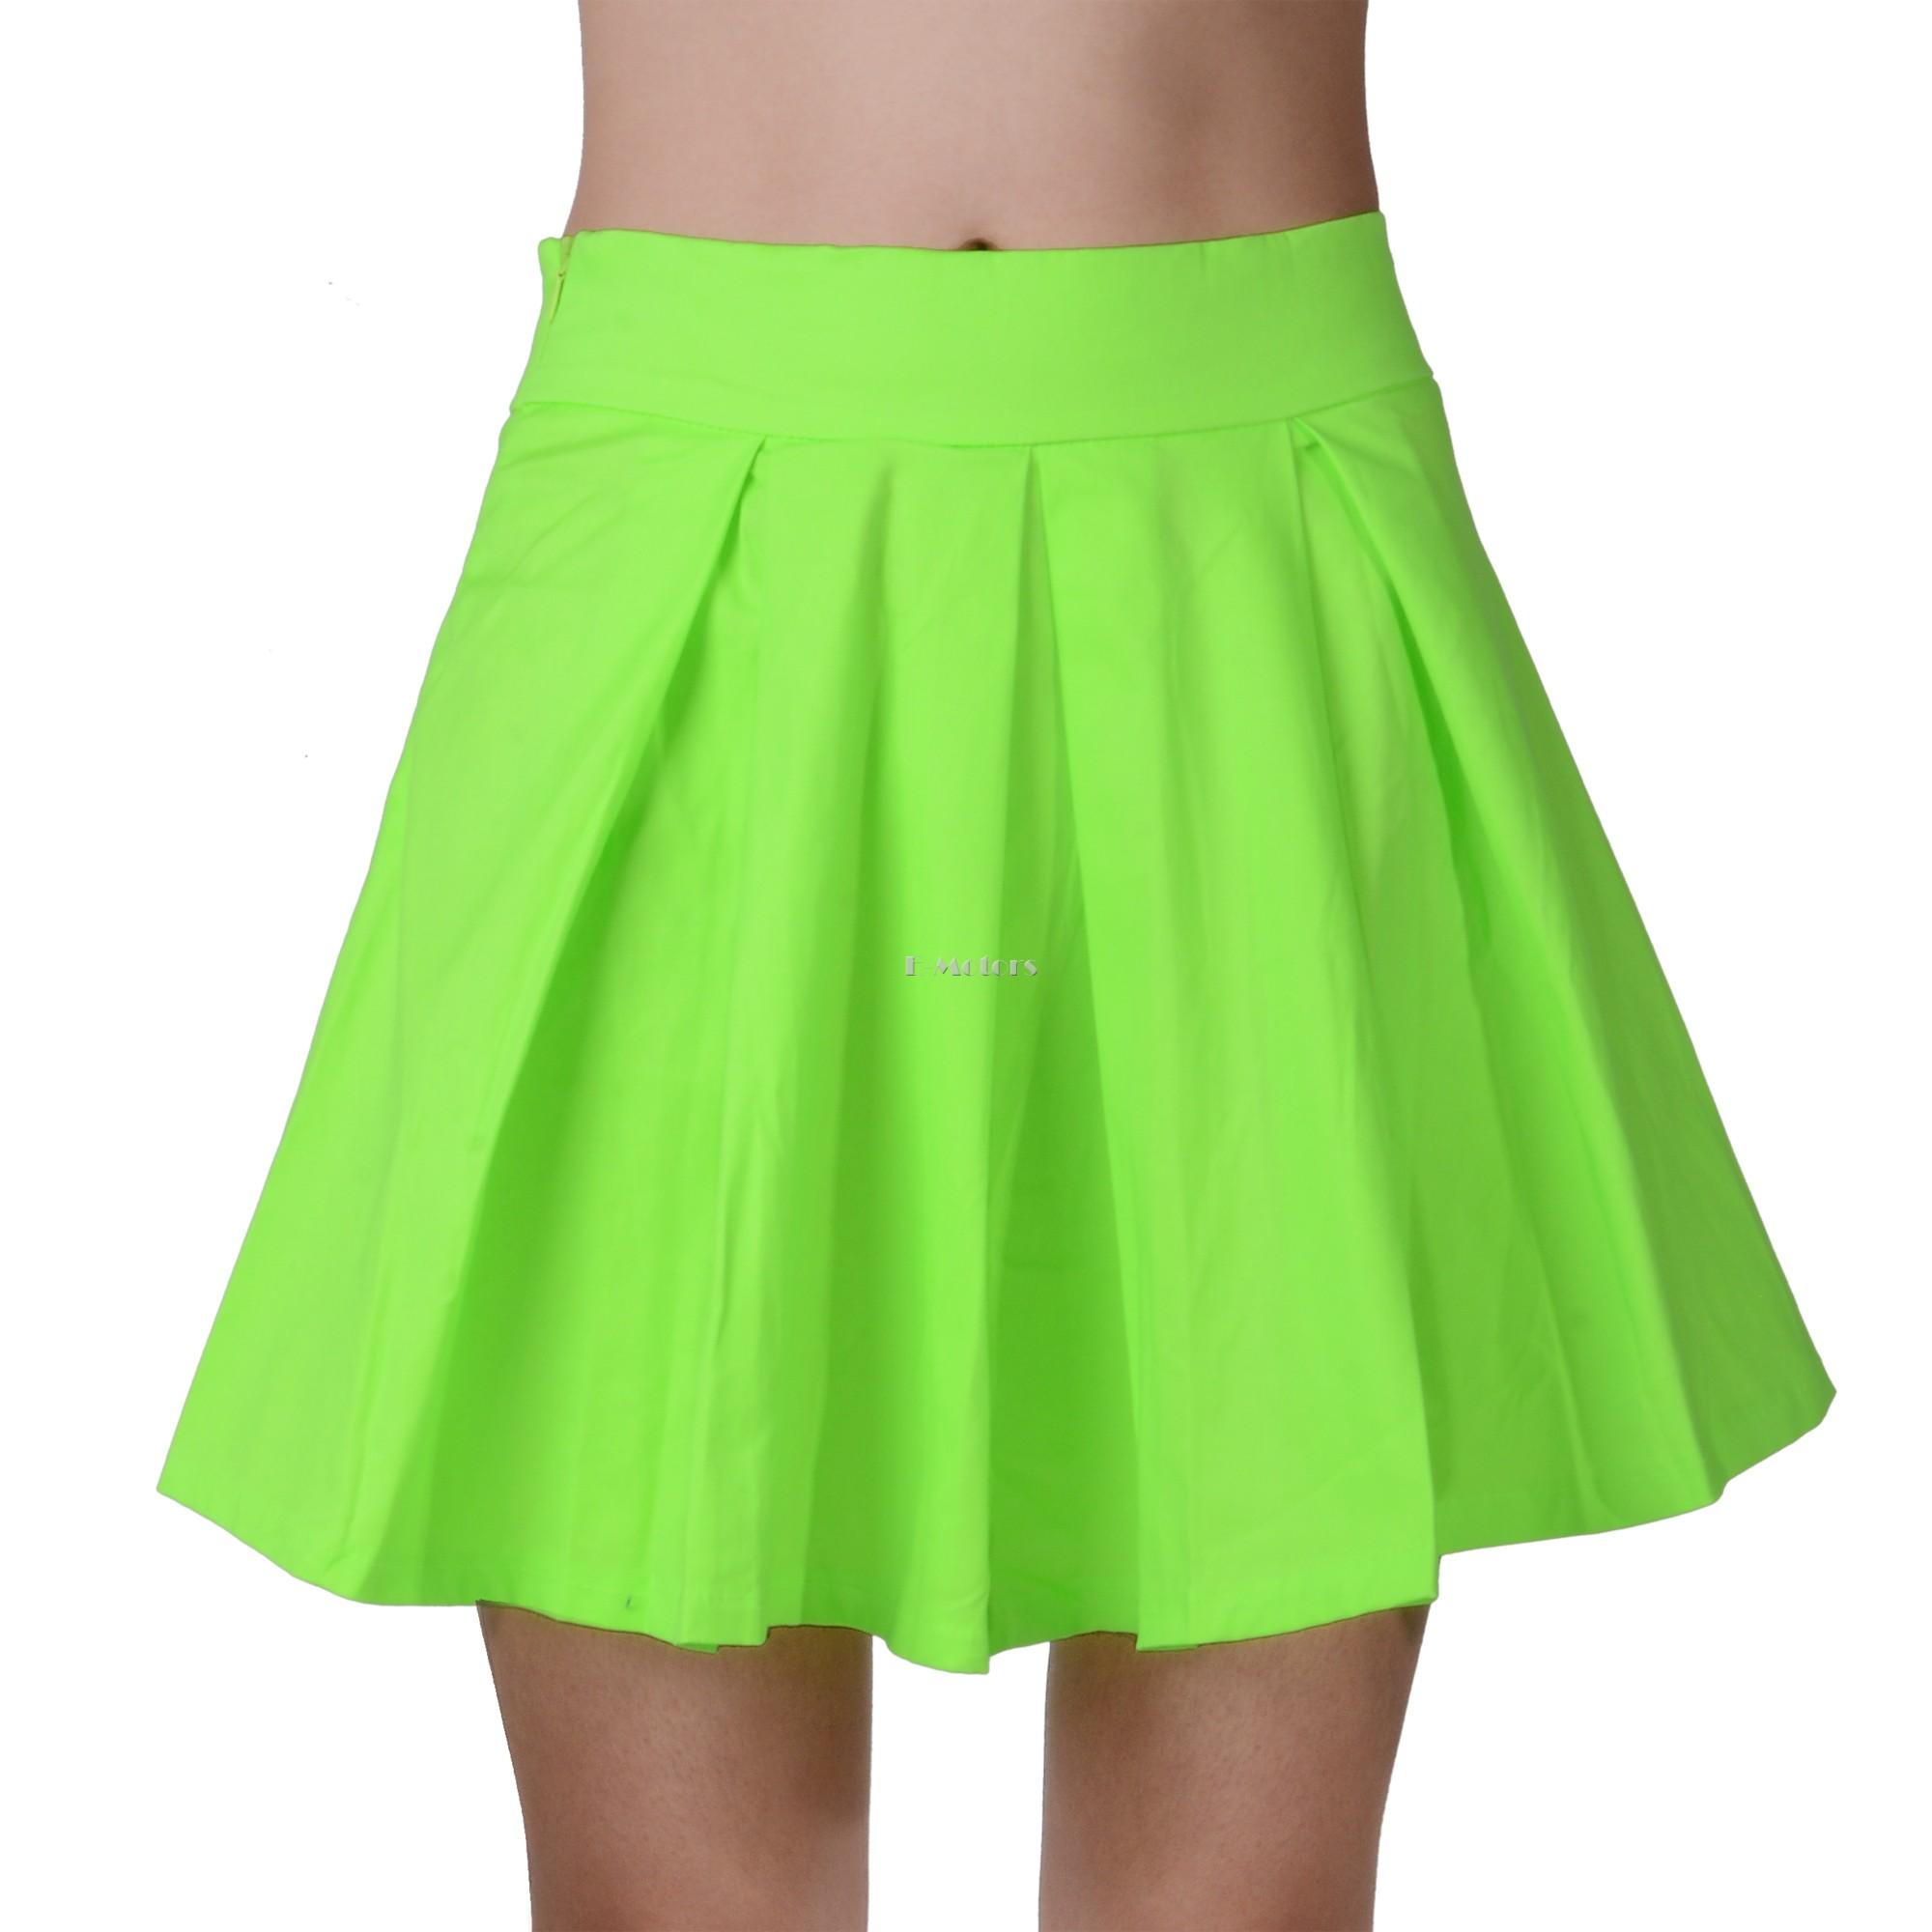 c3241b306498be Women skirts summer 2015 New Fluorescent Green Skater Pleated Mini Short  Skirt 25